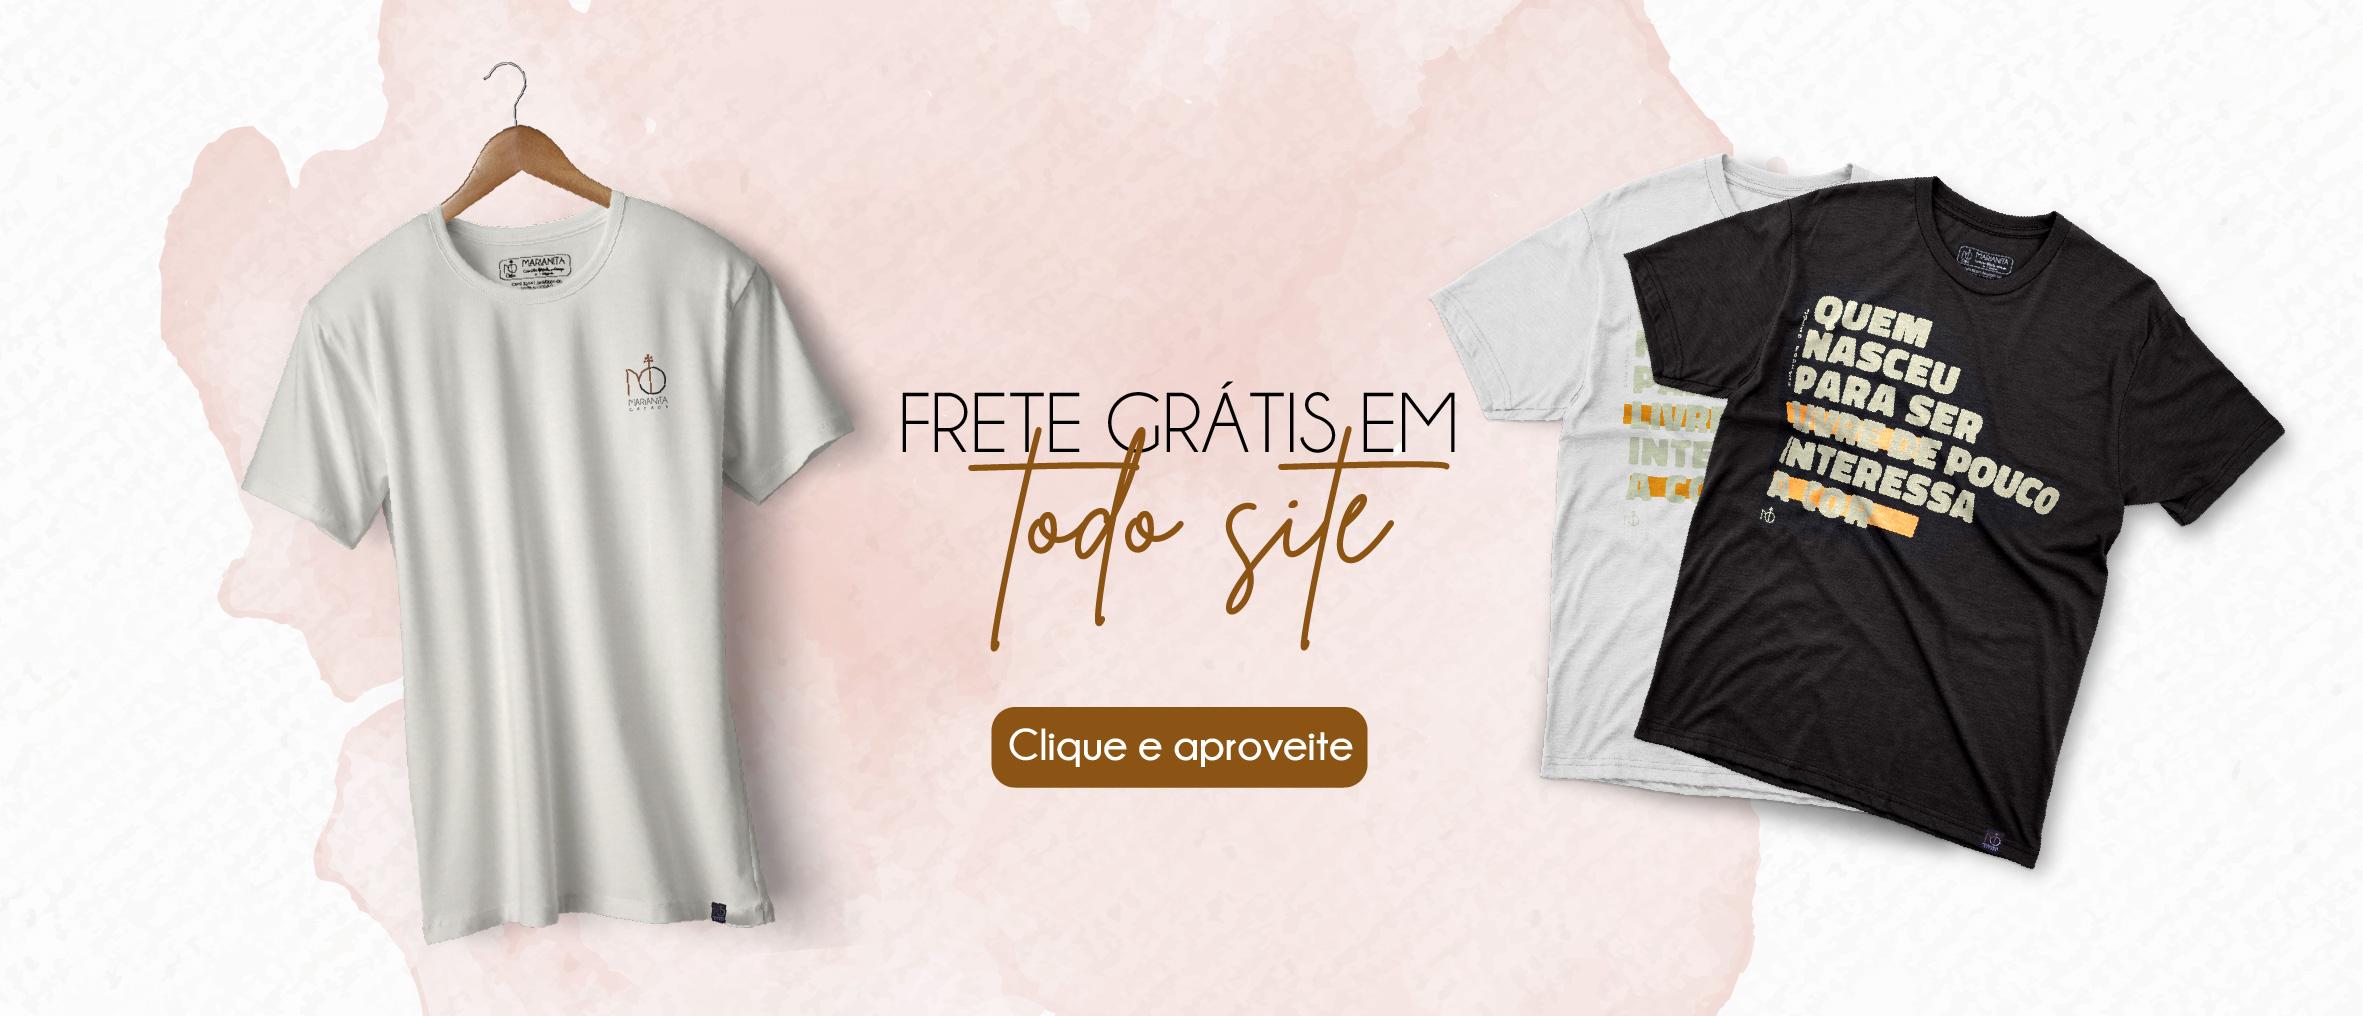 marianita-ortaca-promocao-frete-gratis